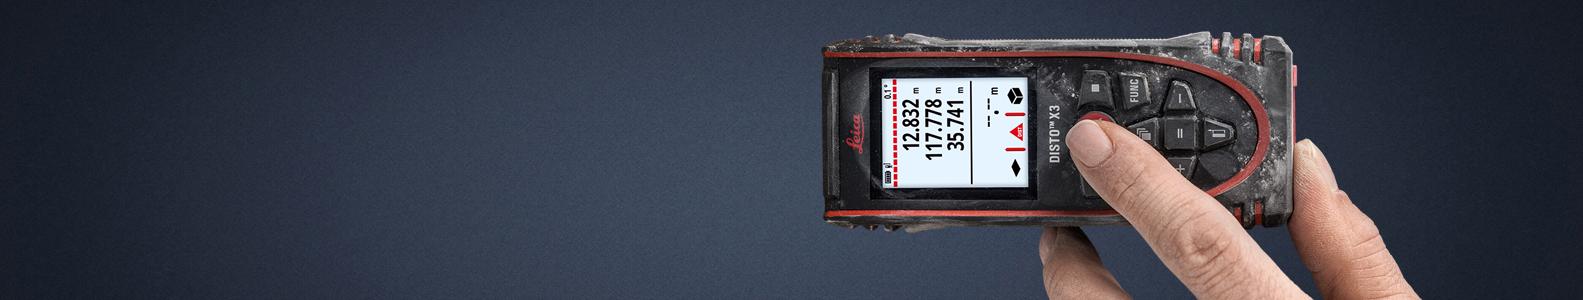 Leica lazeriniai atstumų matuokliai